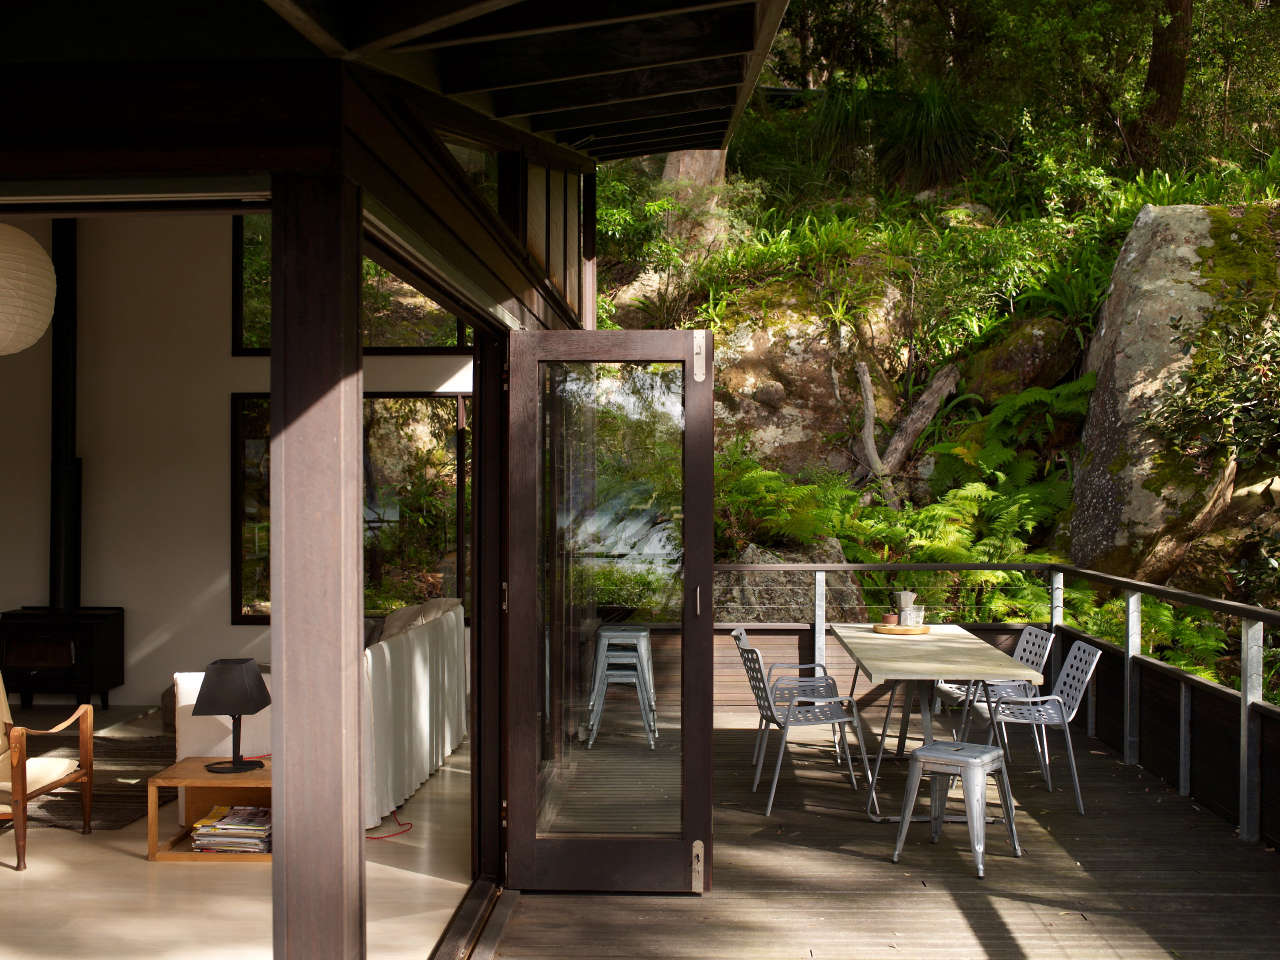 Dangar-Island-Rental-gracy-facade-deck-wire-railing-outdoor-dining-french-door-tolix-stool-gardenista